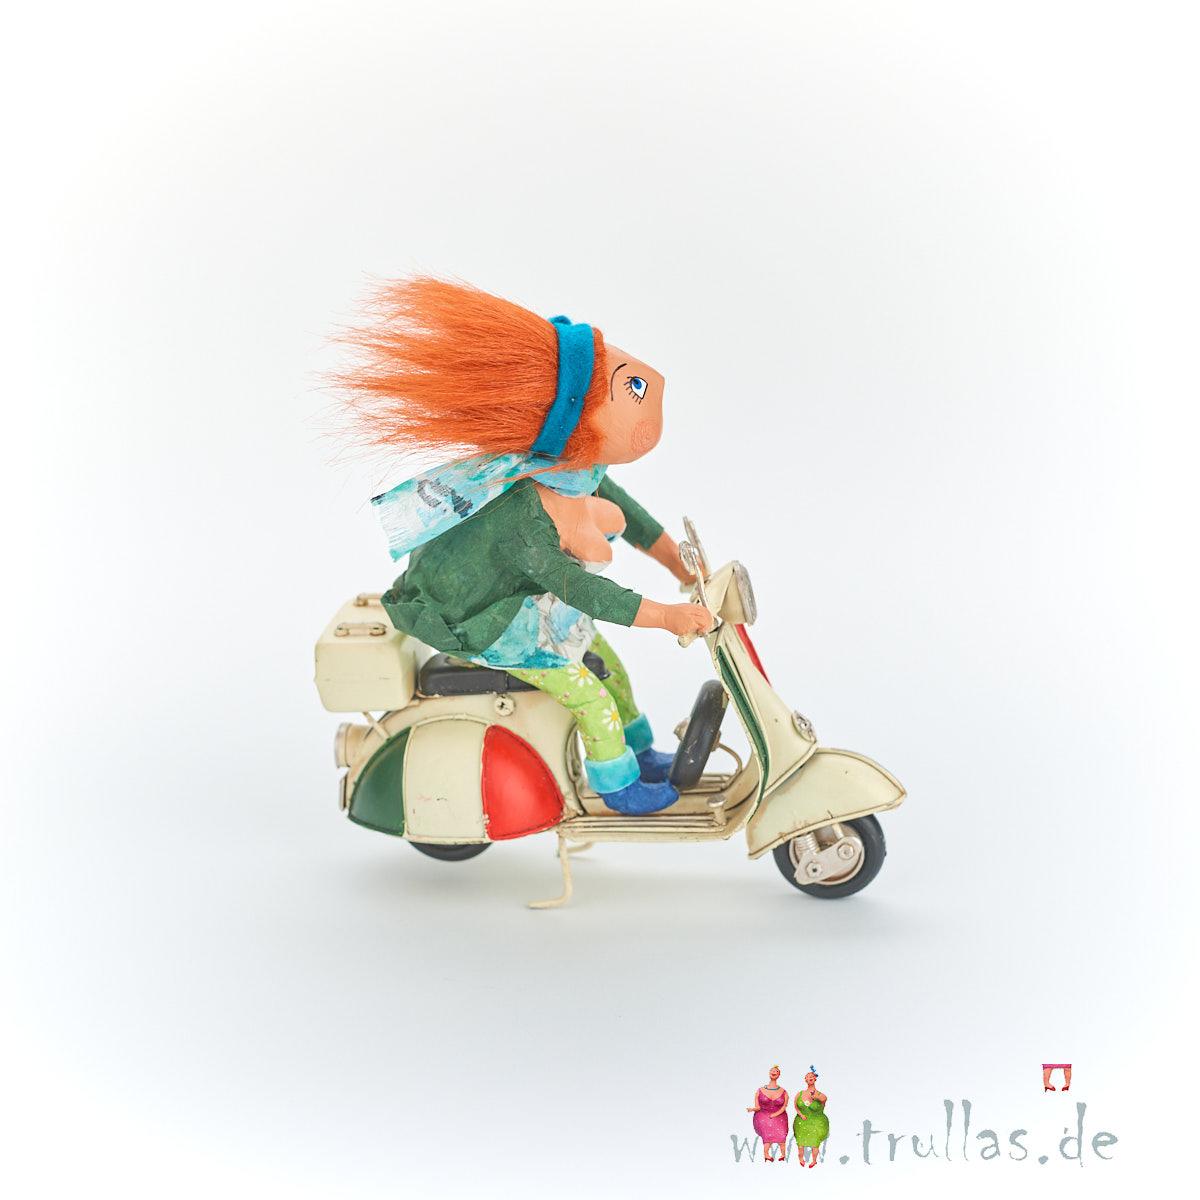 Vespa-Trulla - Gina ist eine handgefertigte Figur aus Pappmachee. Trullas sind geschenke fur Menschen die handgemachte Kunst schätzen.